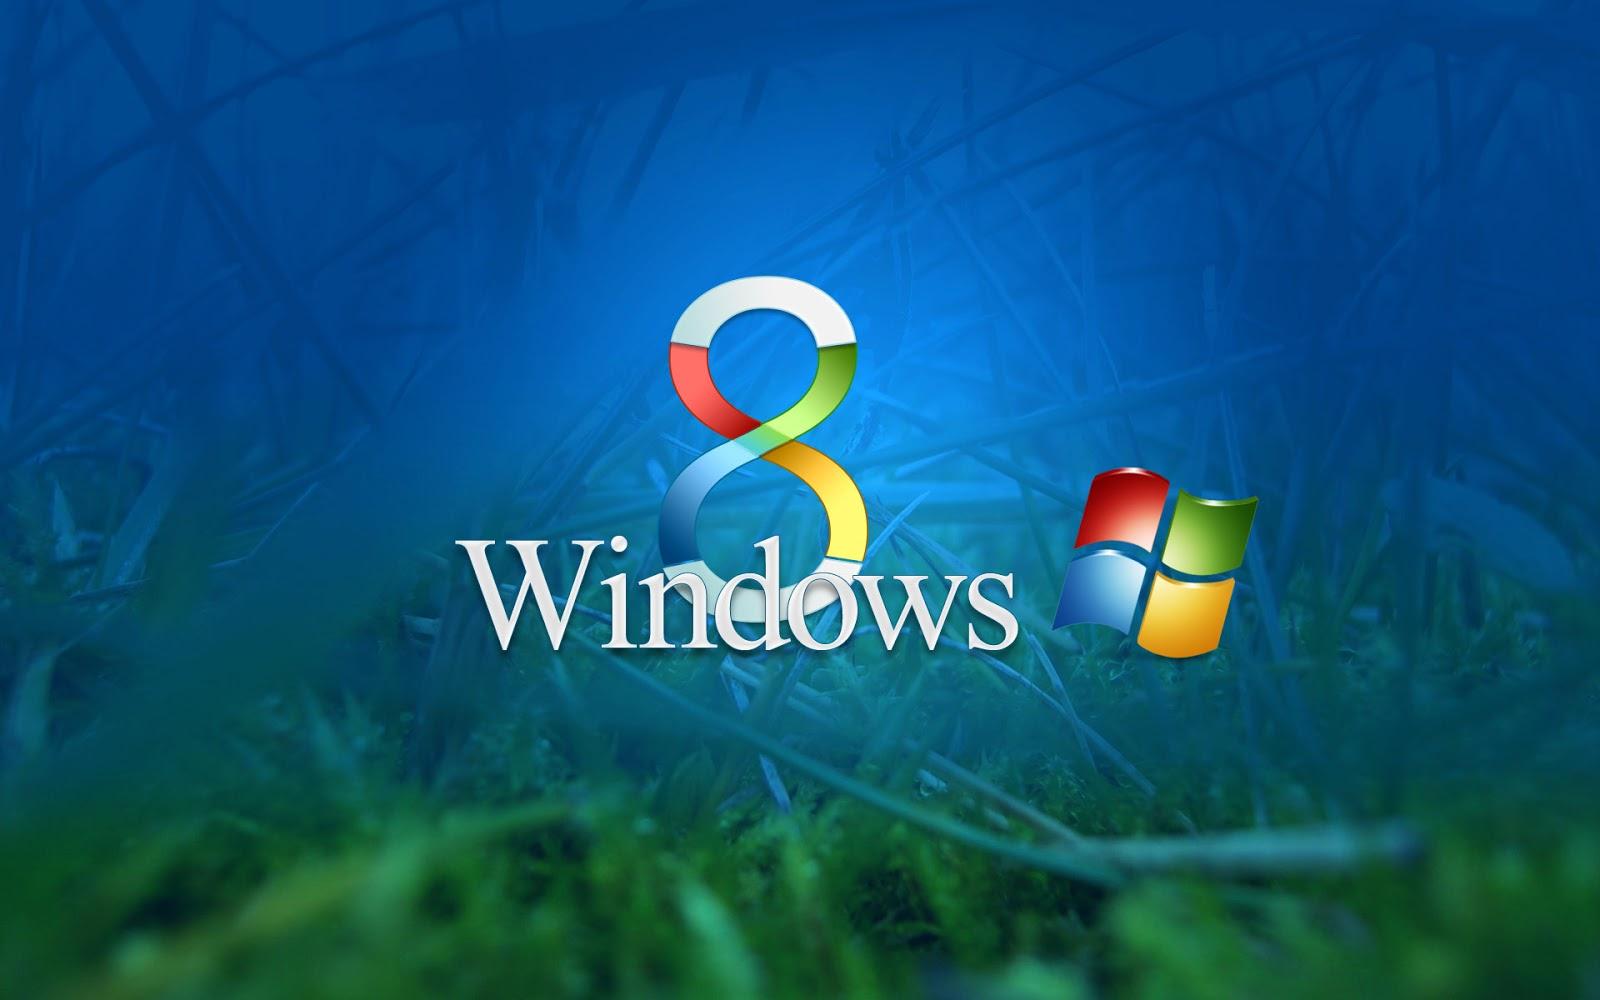 میانبرهای مفید در ویندوز 8